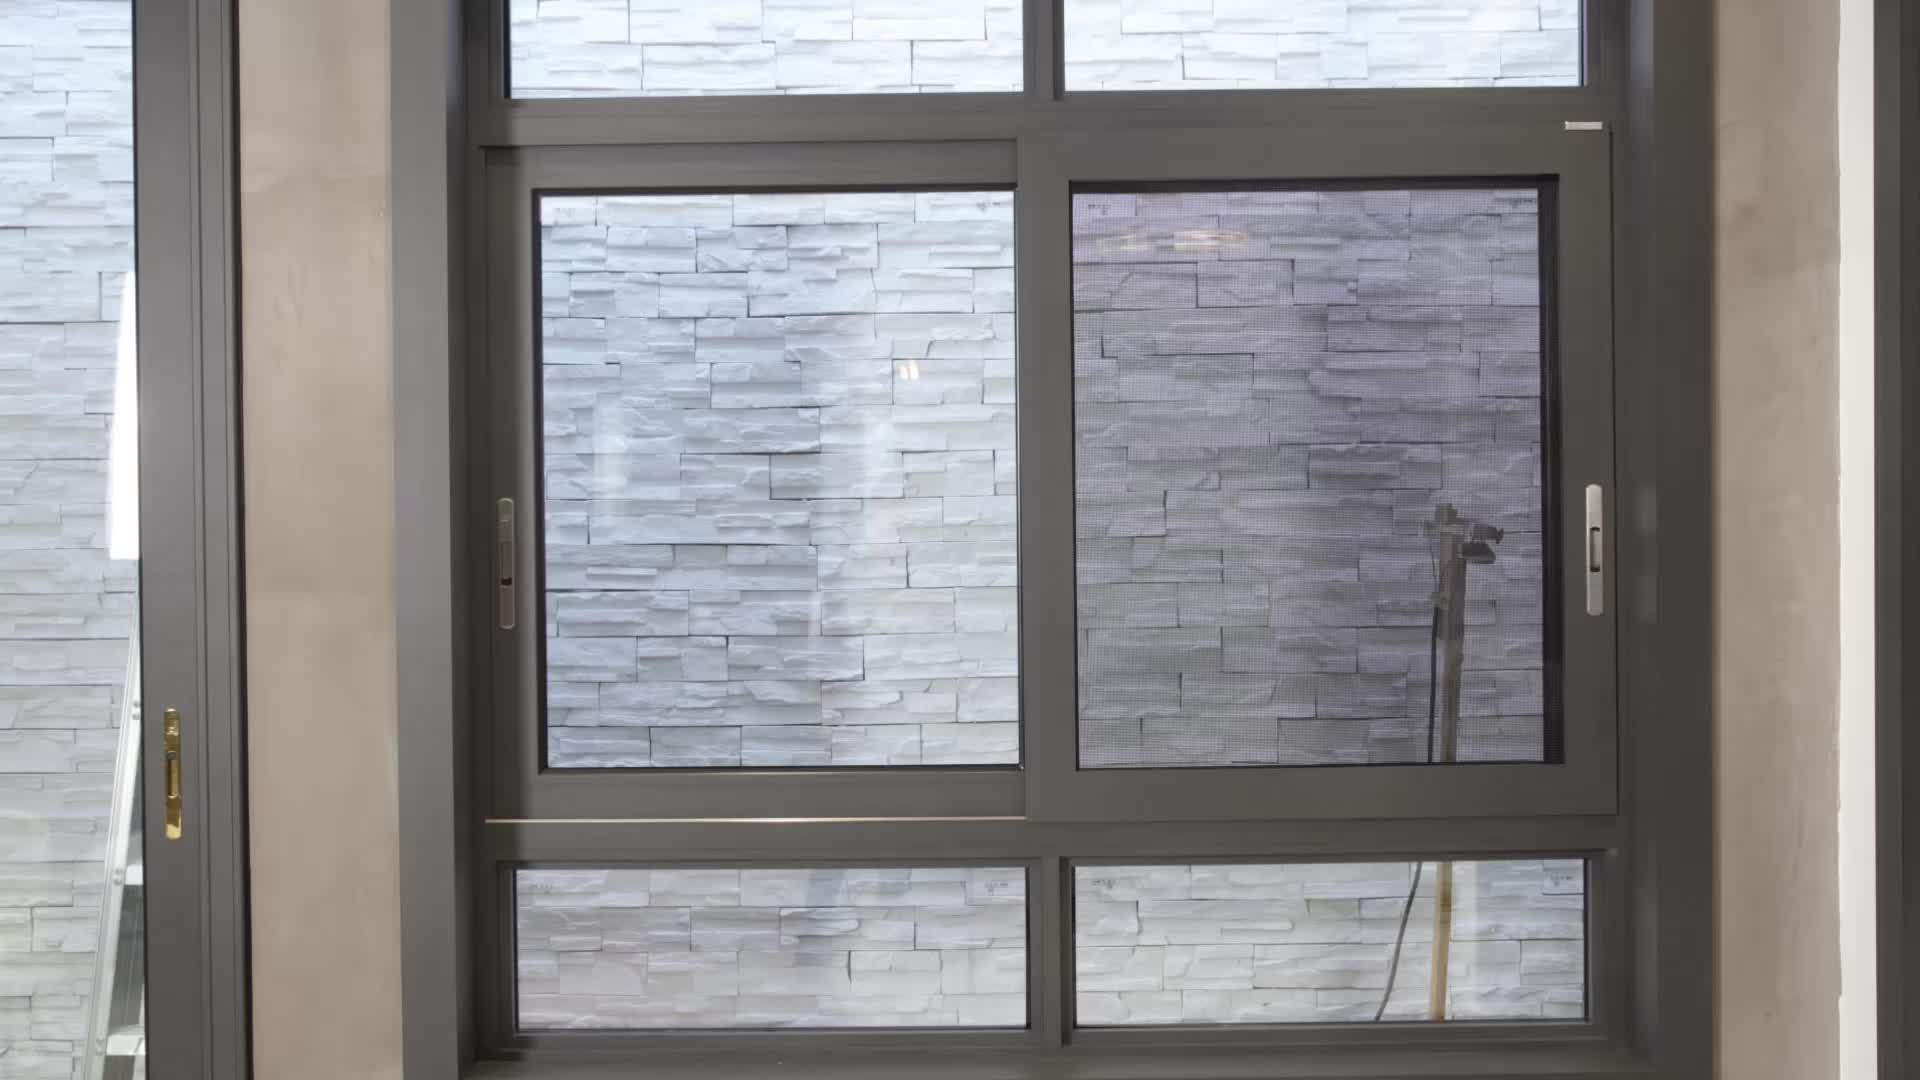 Bungalow villa W88 hidden security circular aluminum louvered anti theft tinted glass sliding window